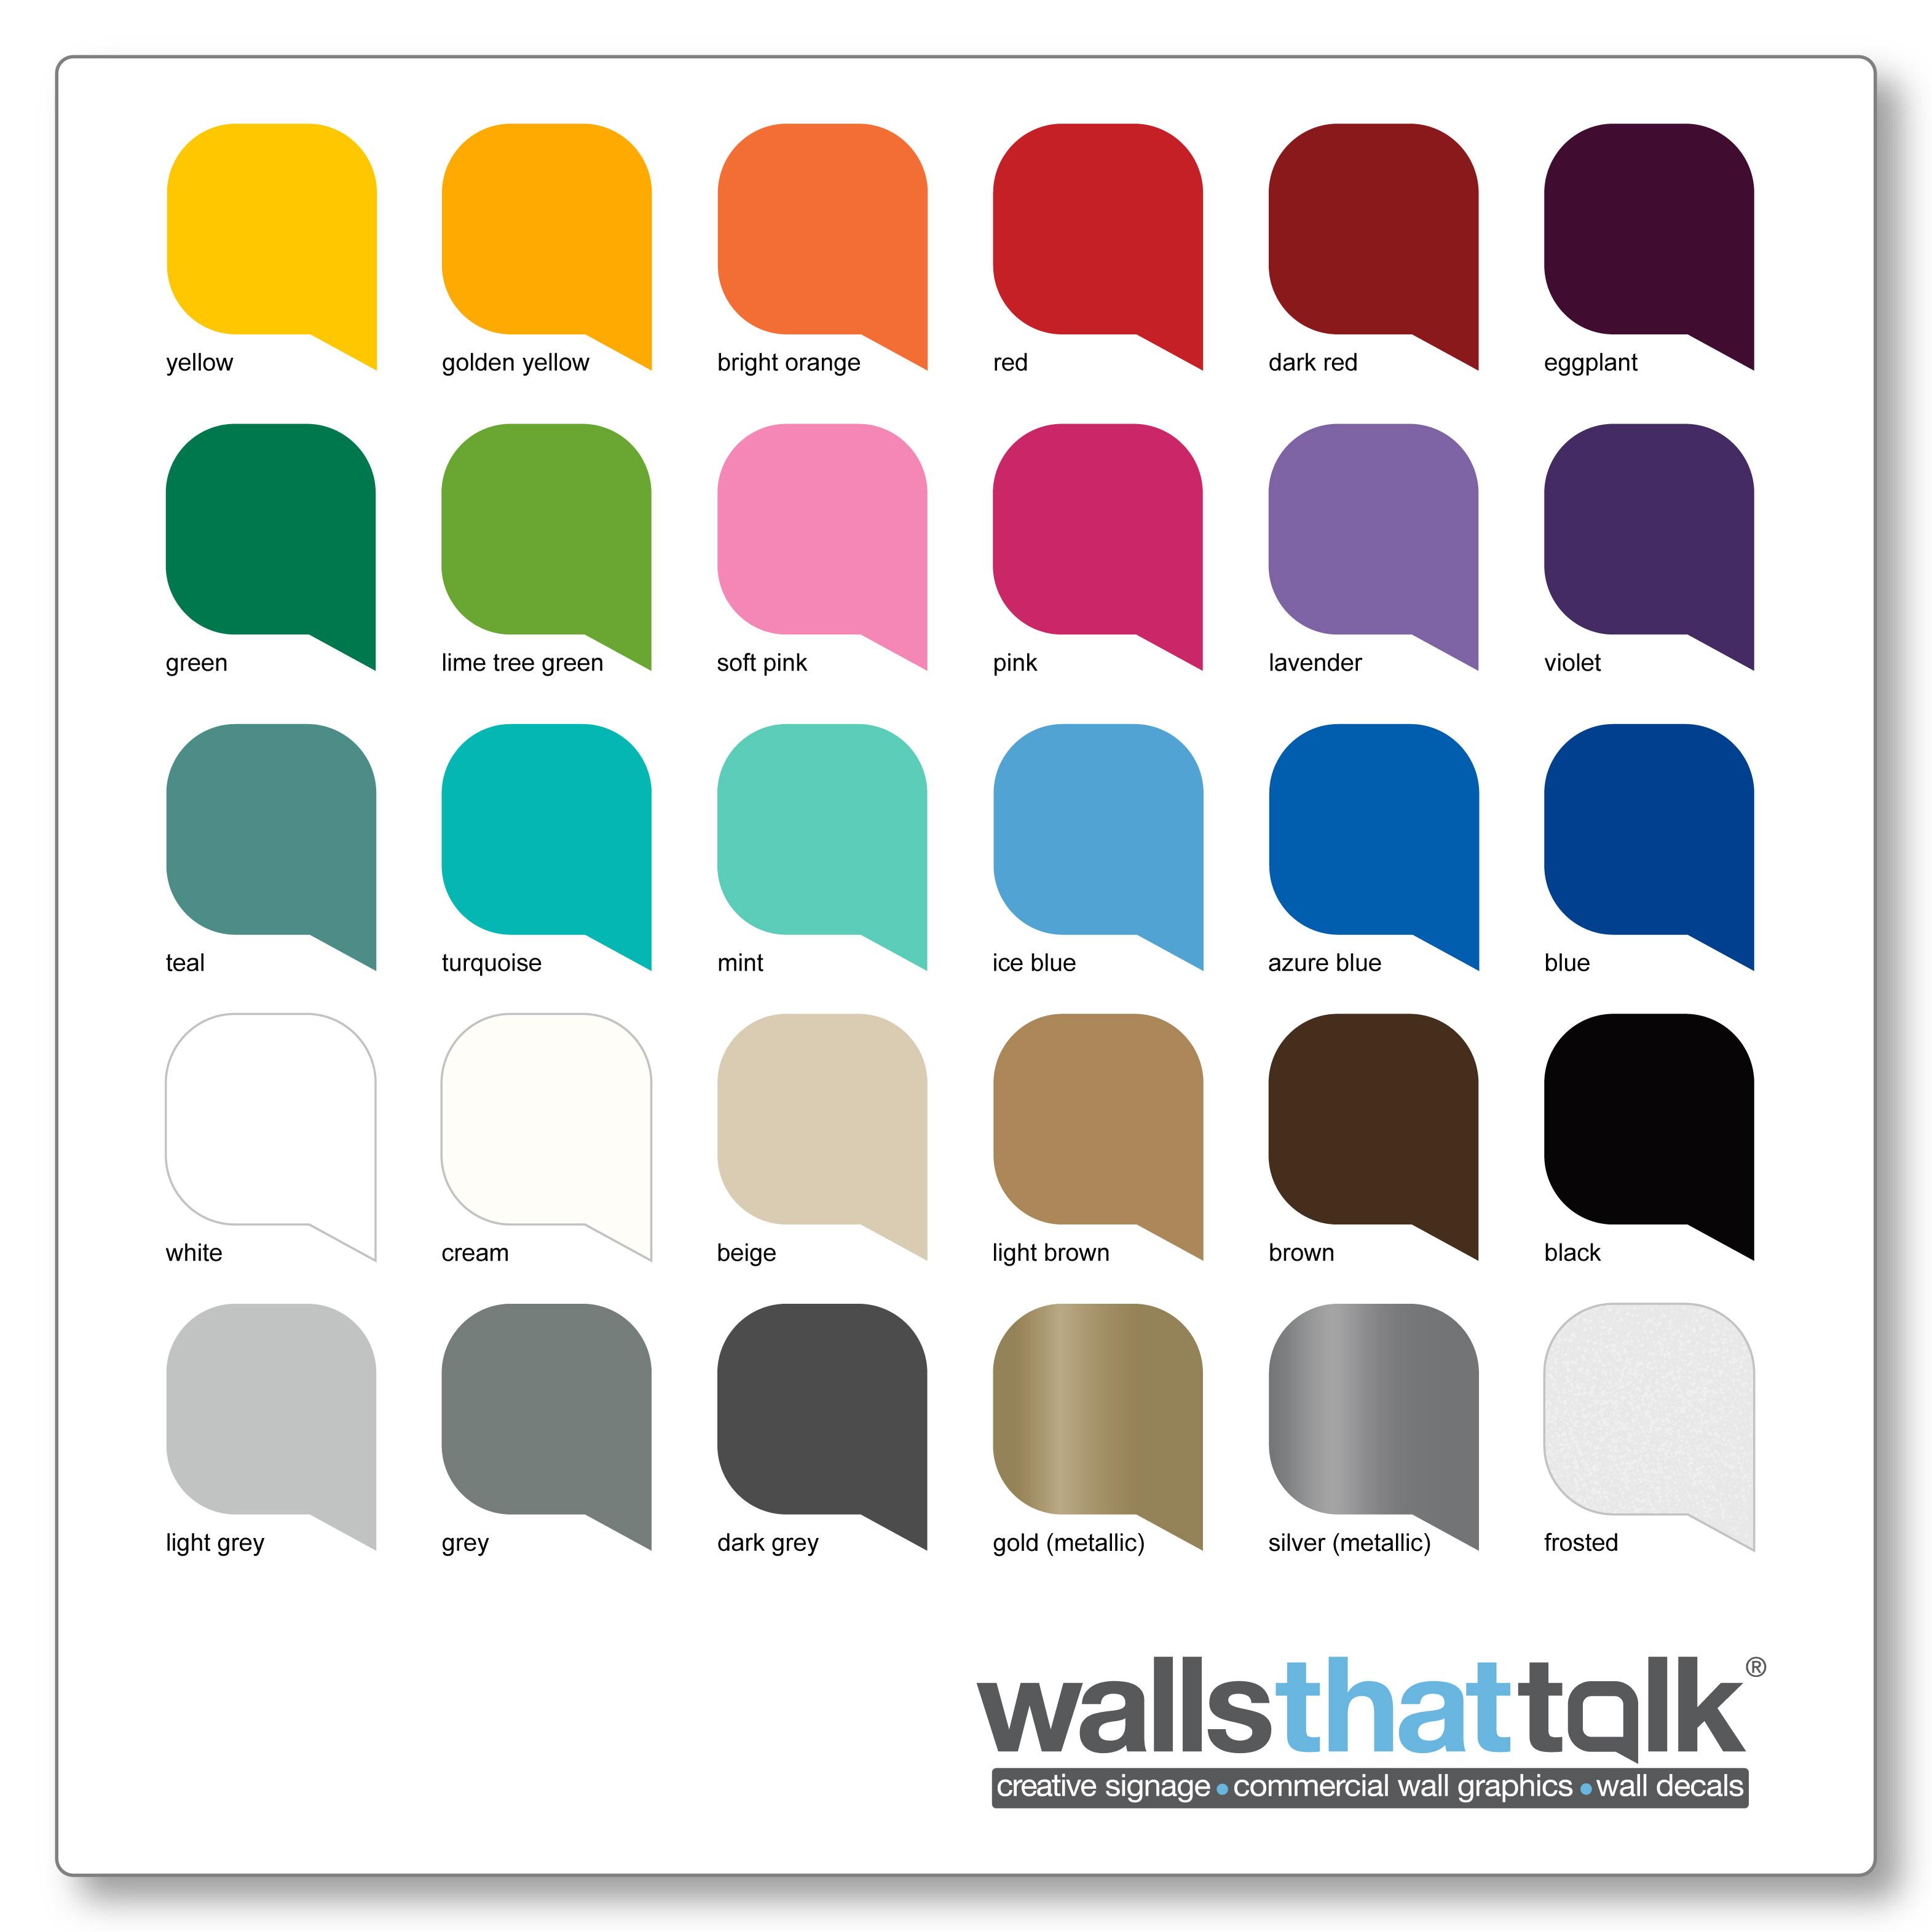 walldecal colour sample, WallsThatTalk